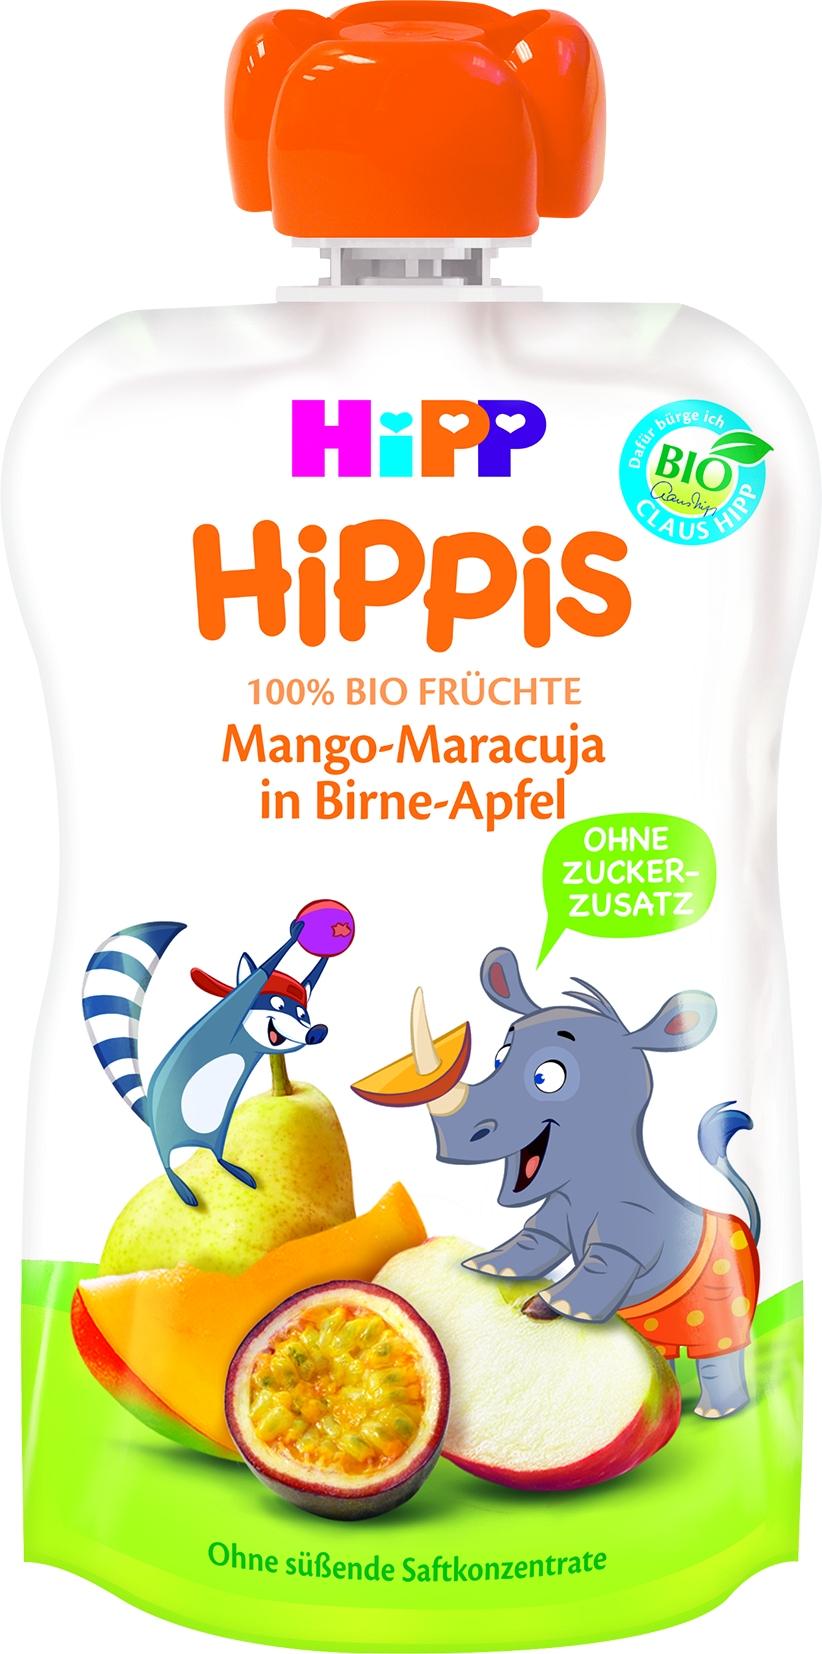 8570-01 Hippis Mango/Maracuja/Birne/Apfel